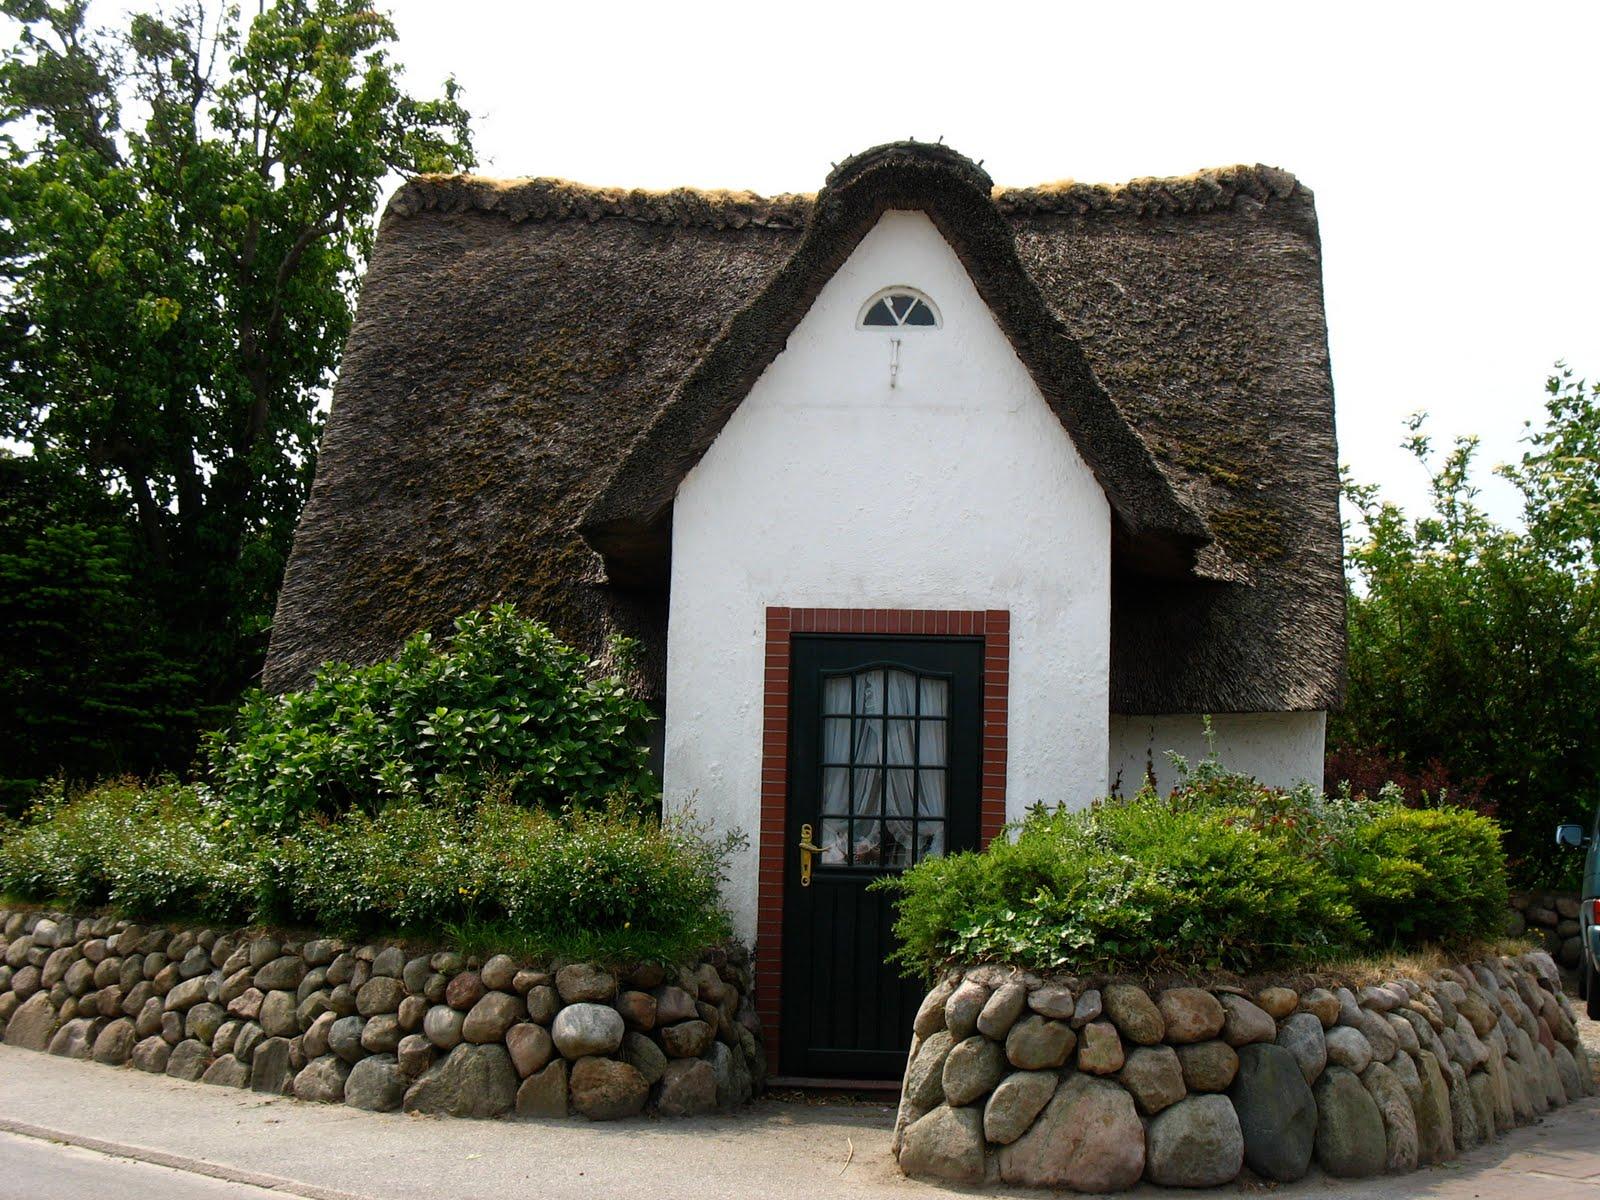 Tiny House Germany